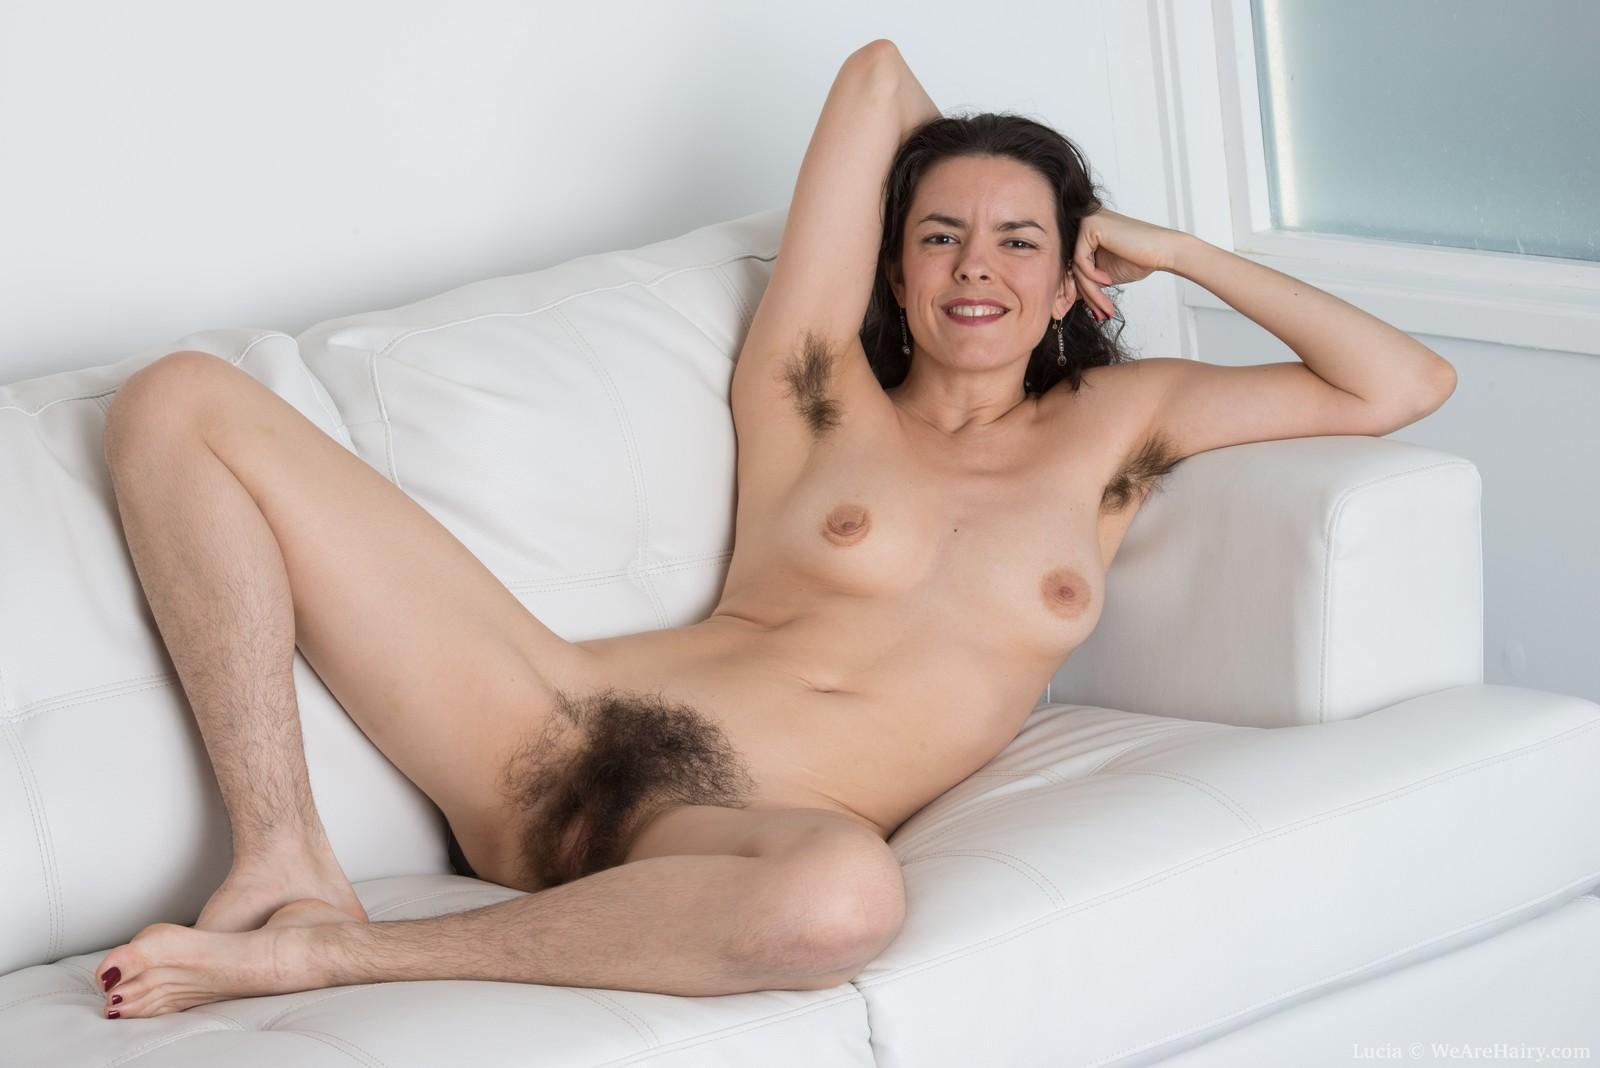 Hairy erotic photos